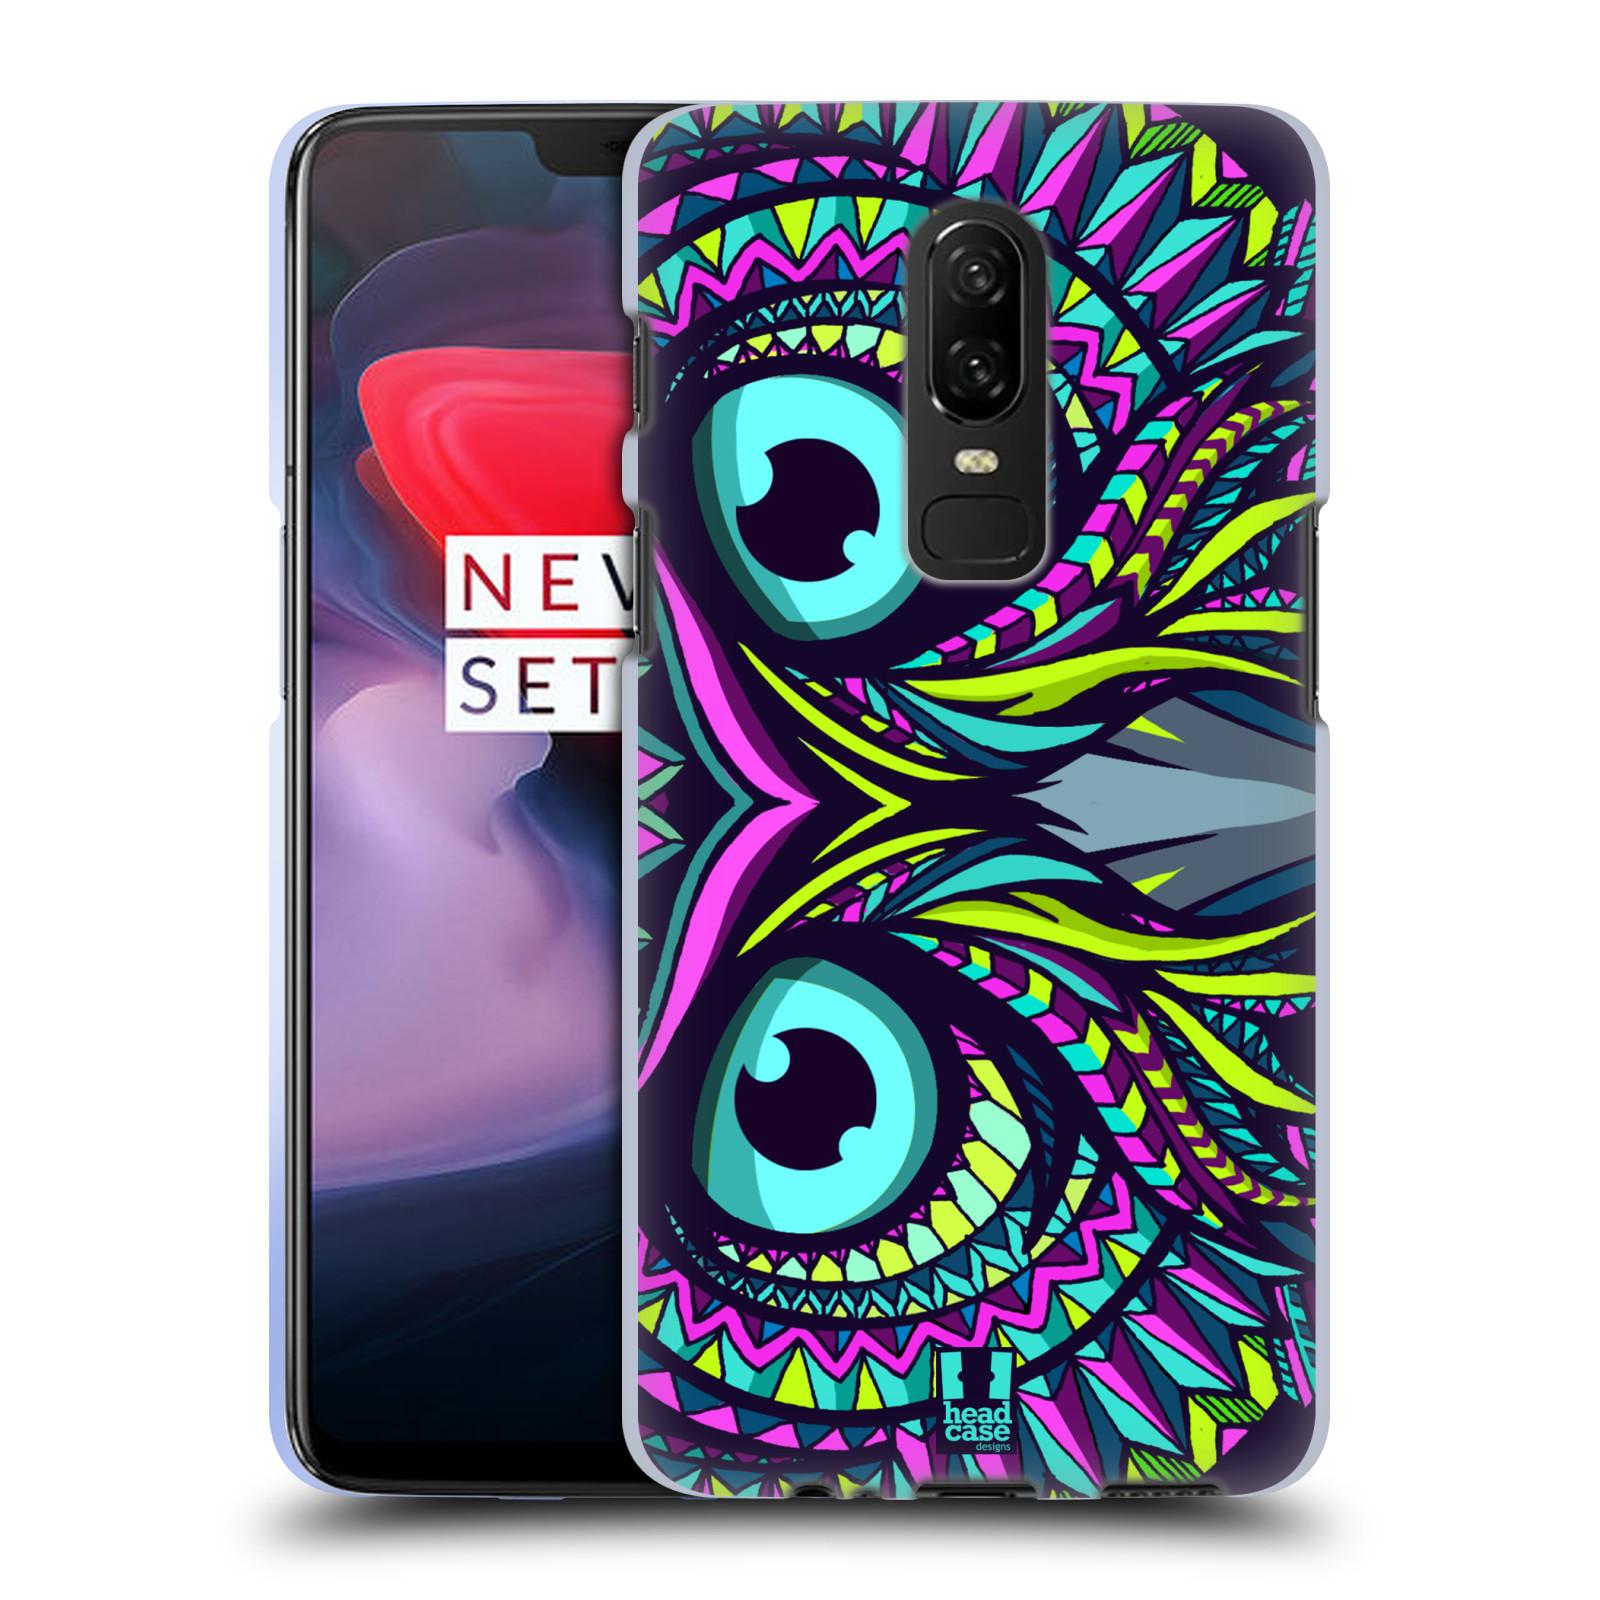 Silikonové pouzdro na mobil OnePlus 6 - Head Case - AZTEC SOVA